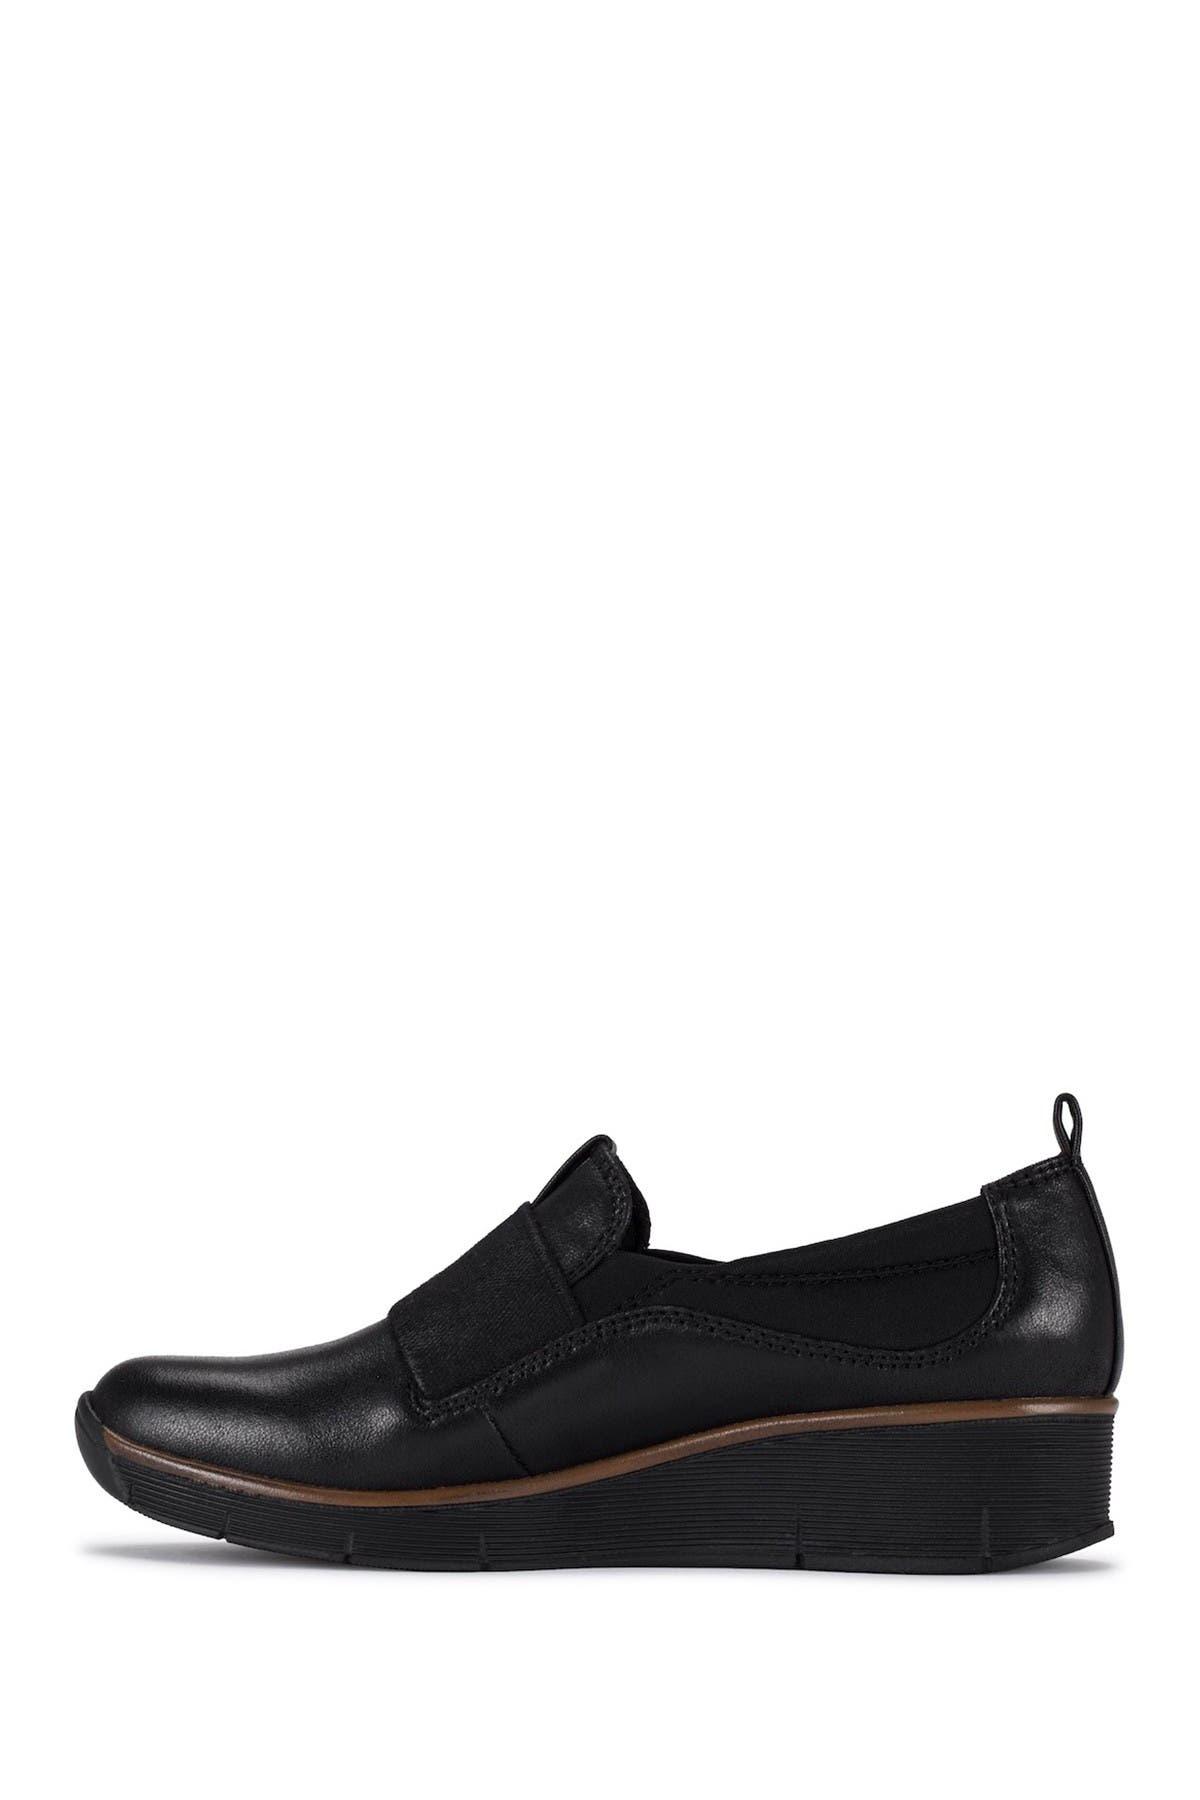 Baretraps Low heels GARNER CASUAL SLIP-ON